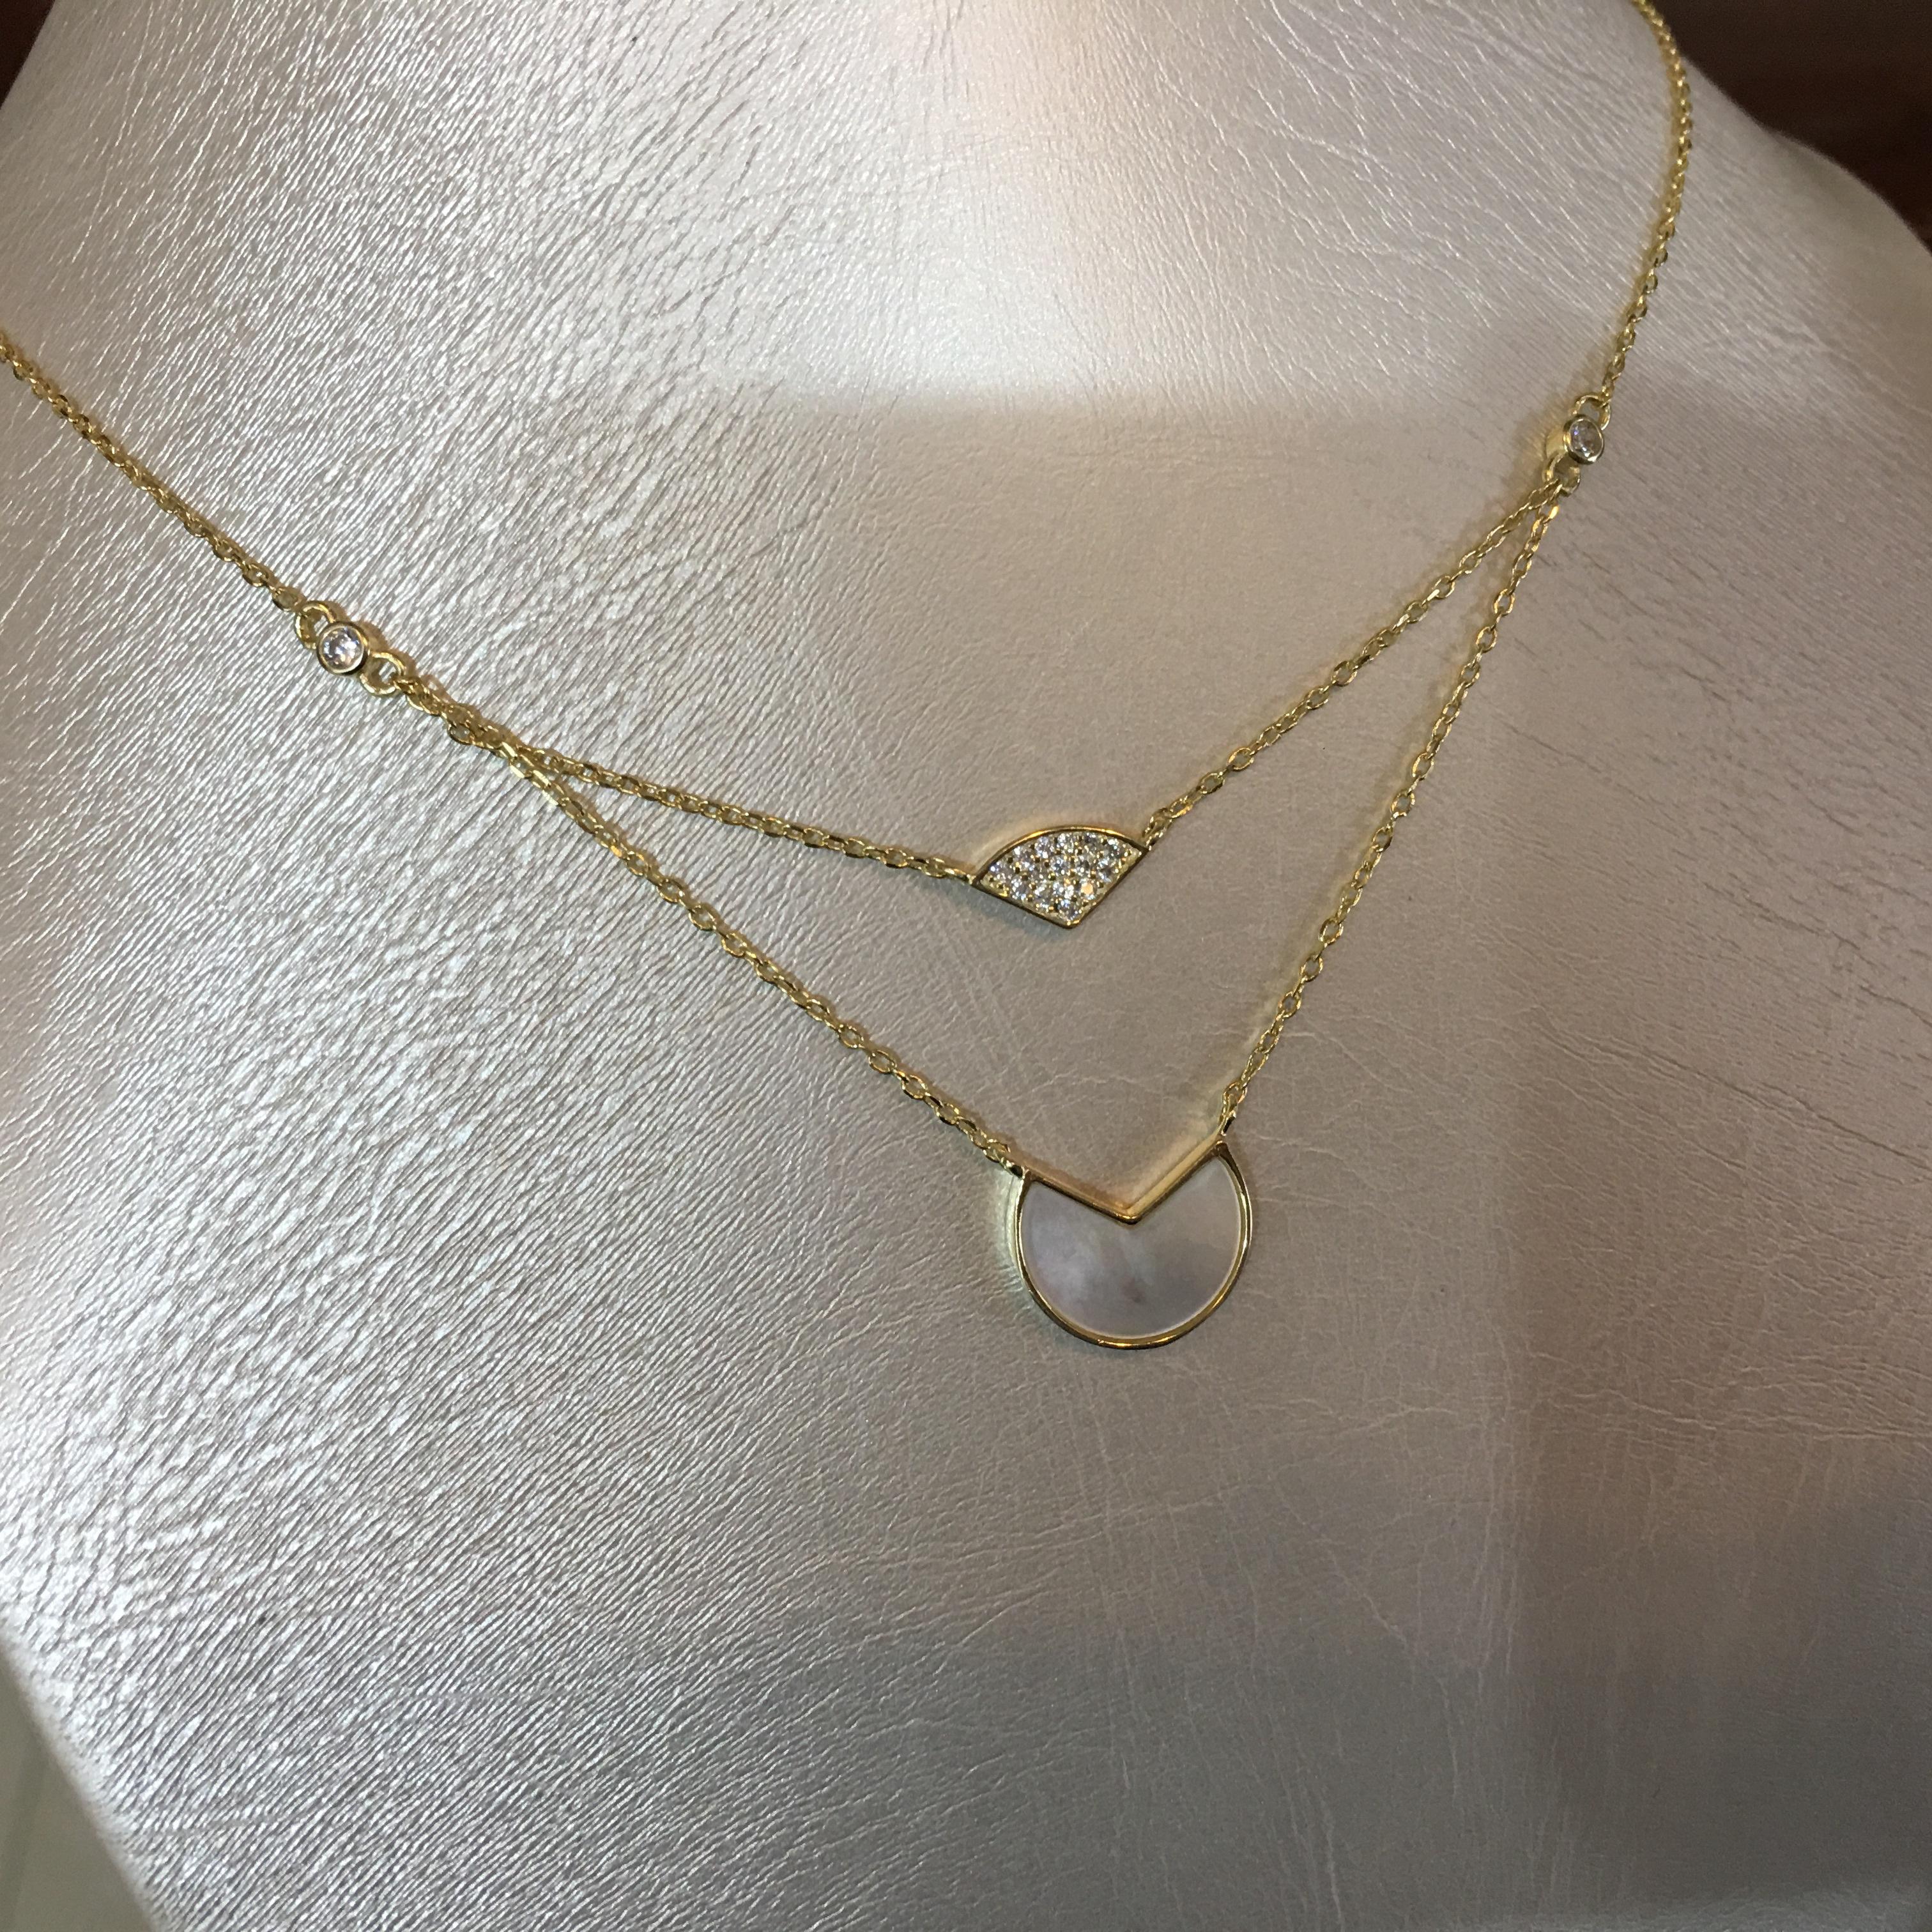 法式天然母贝双层项链